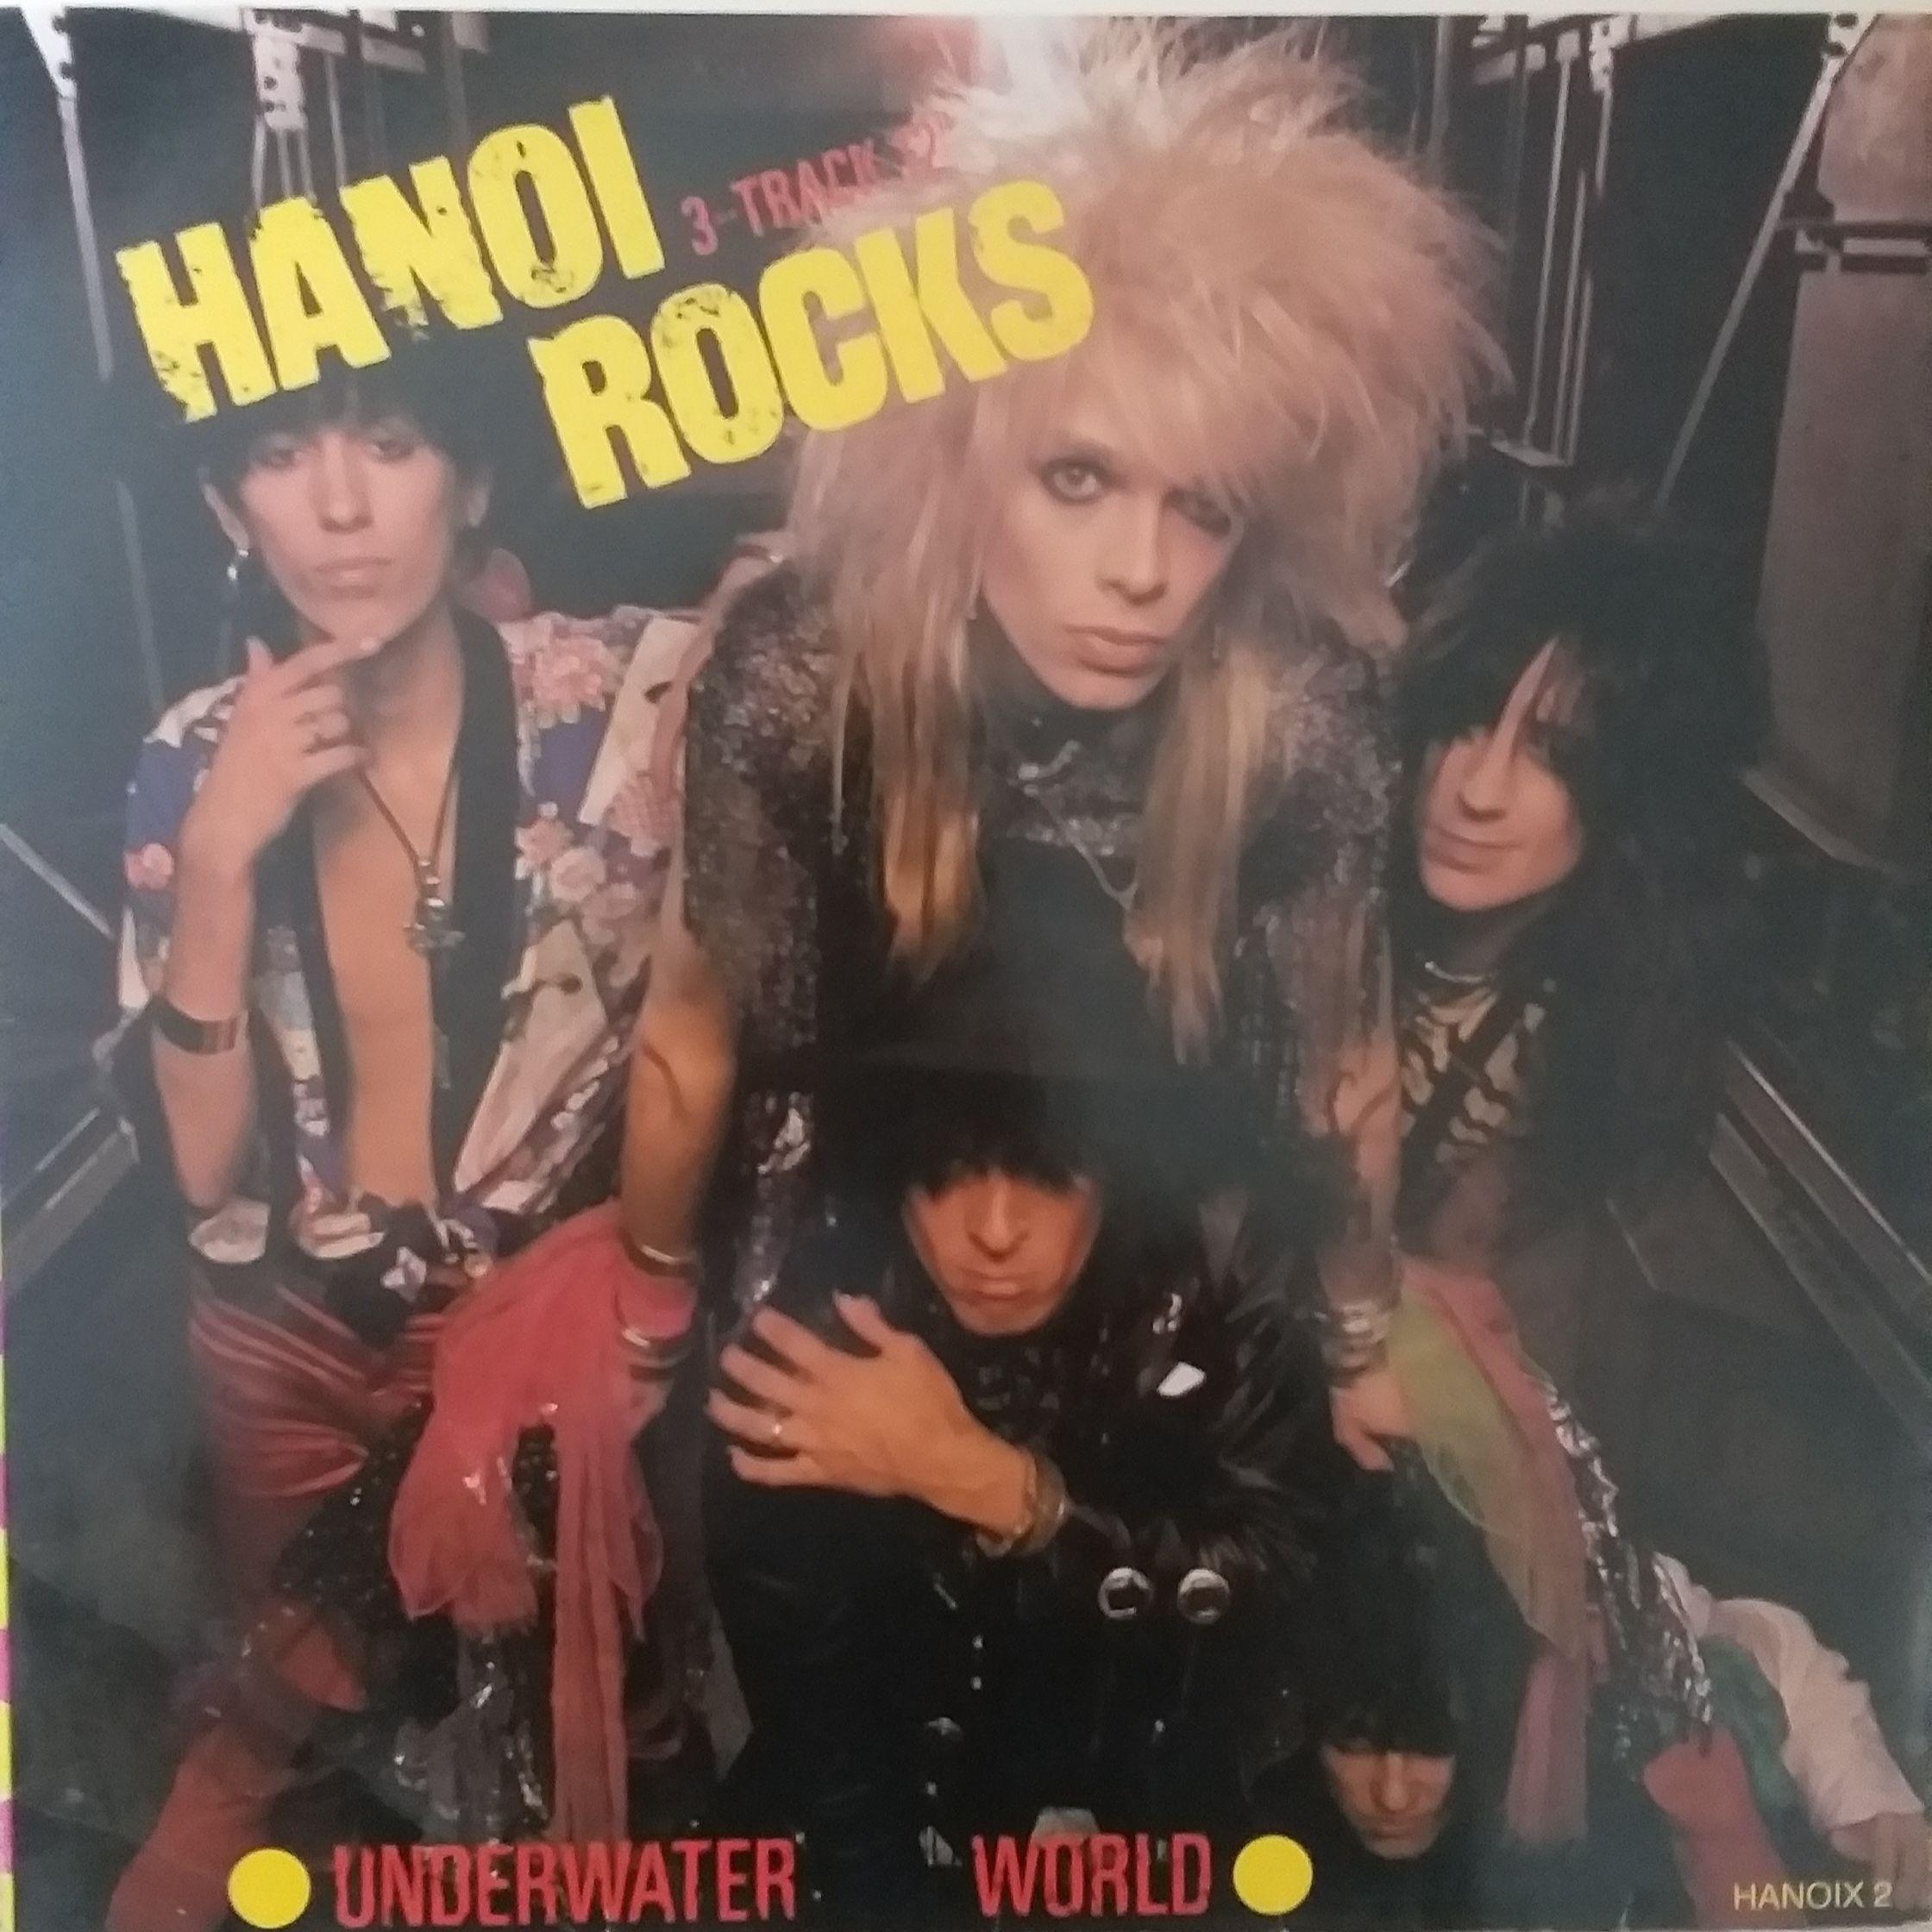 Hanoi rocks Underwater world LP undefined